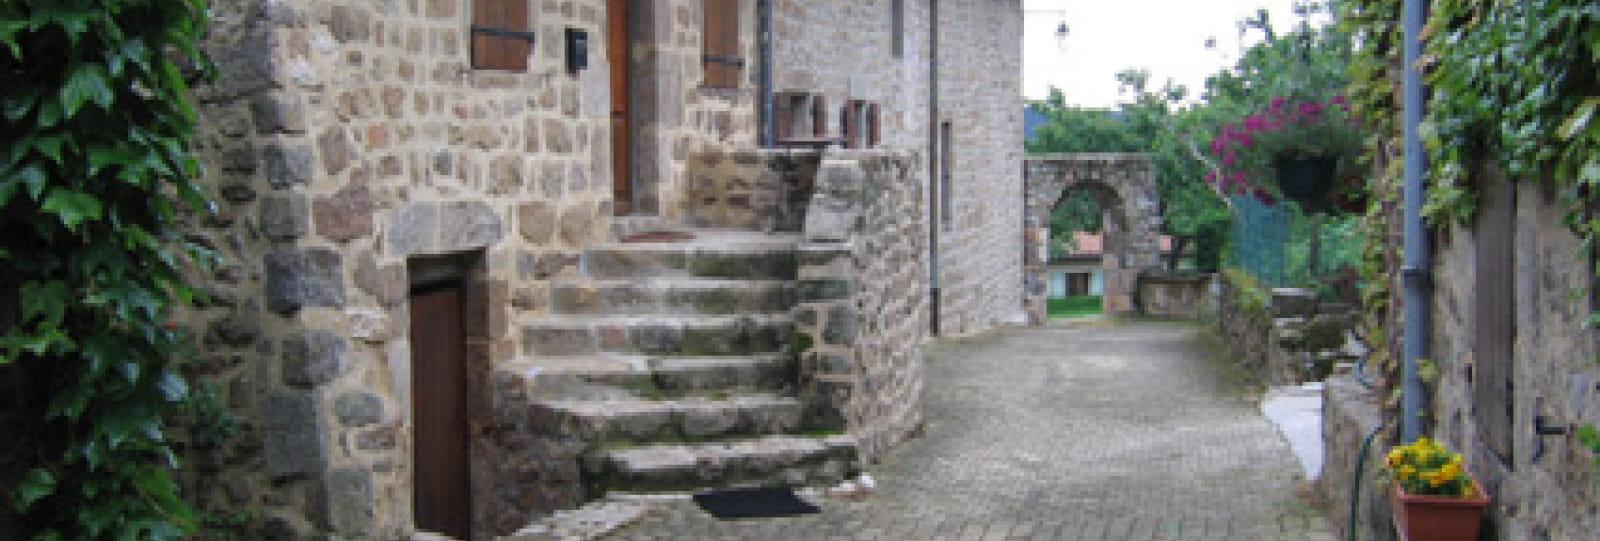 Village de Vaudevant